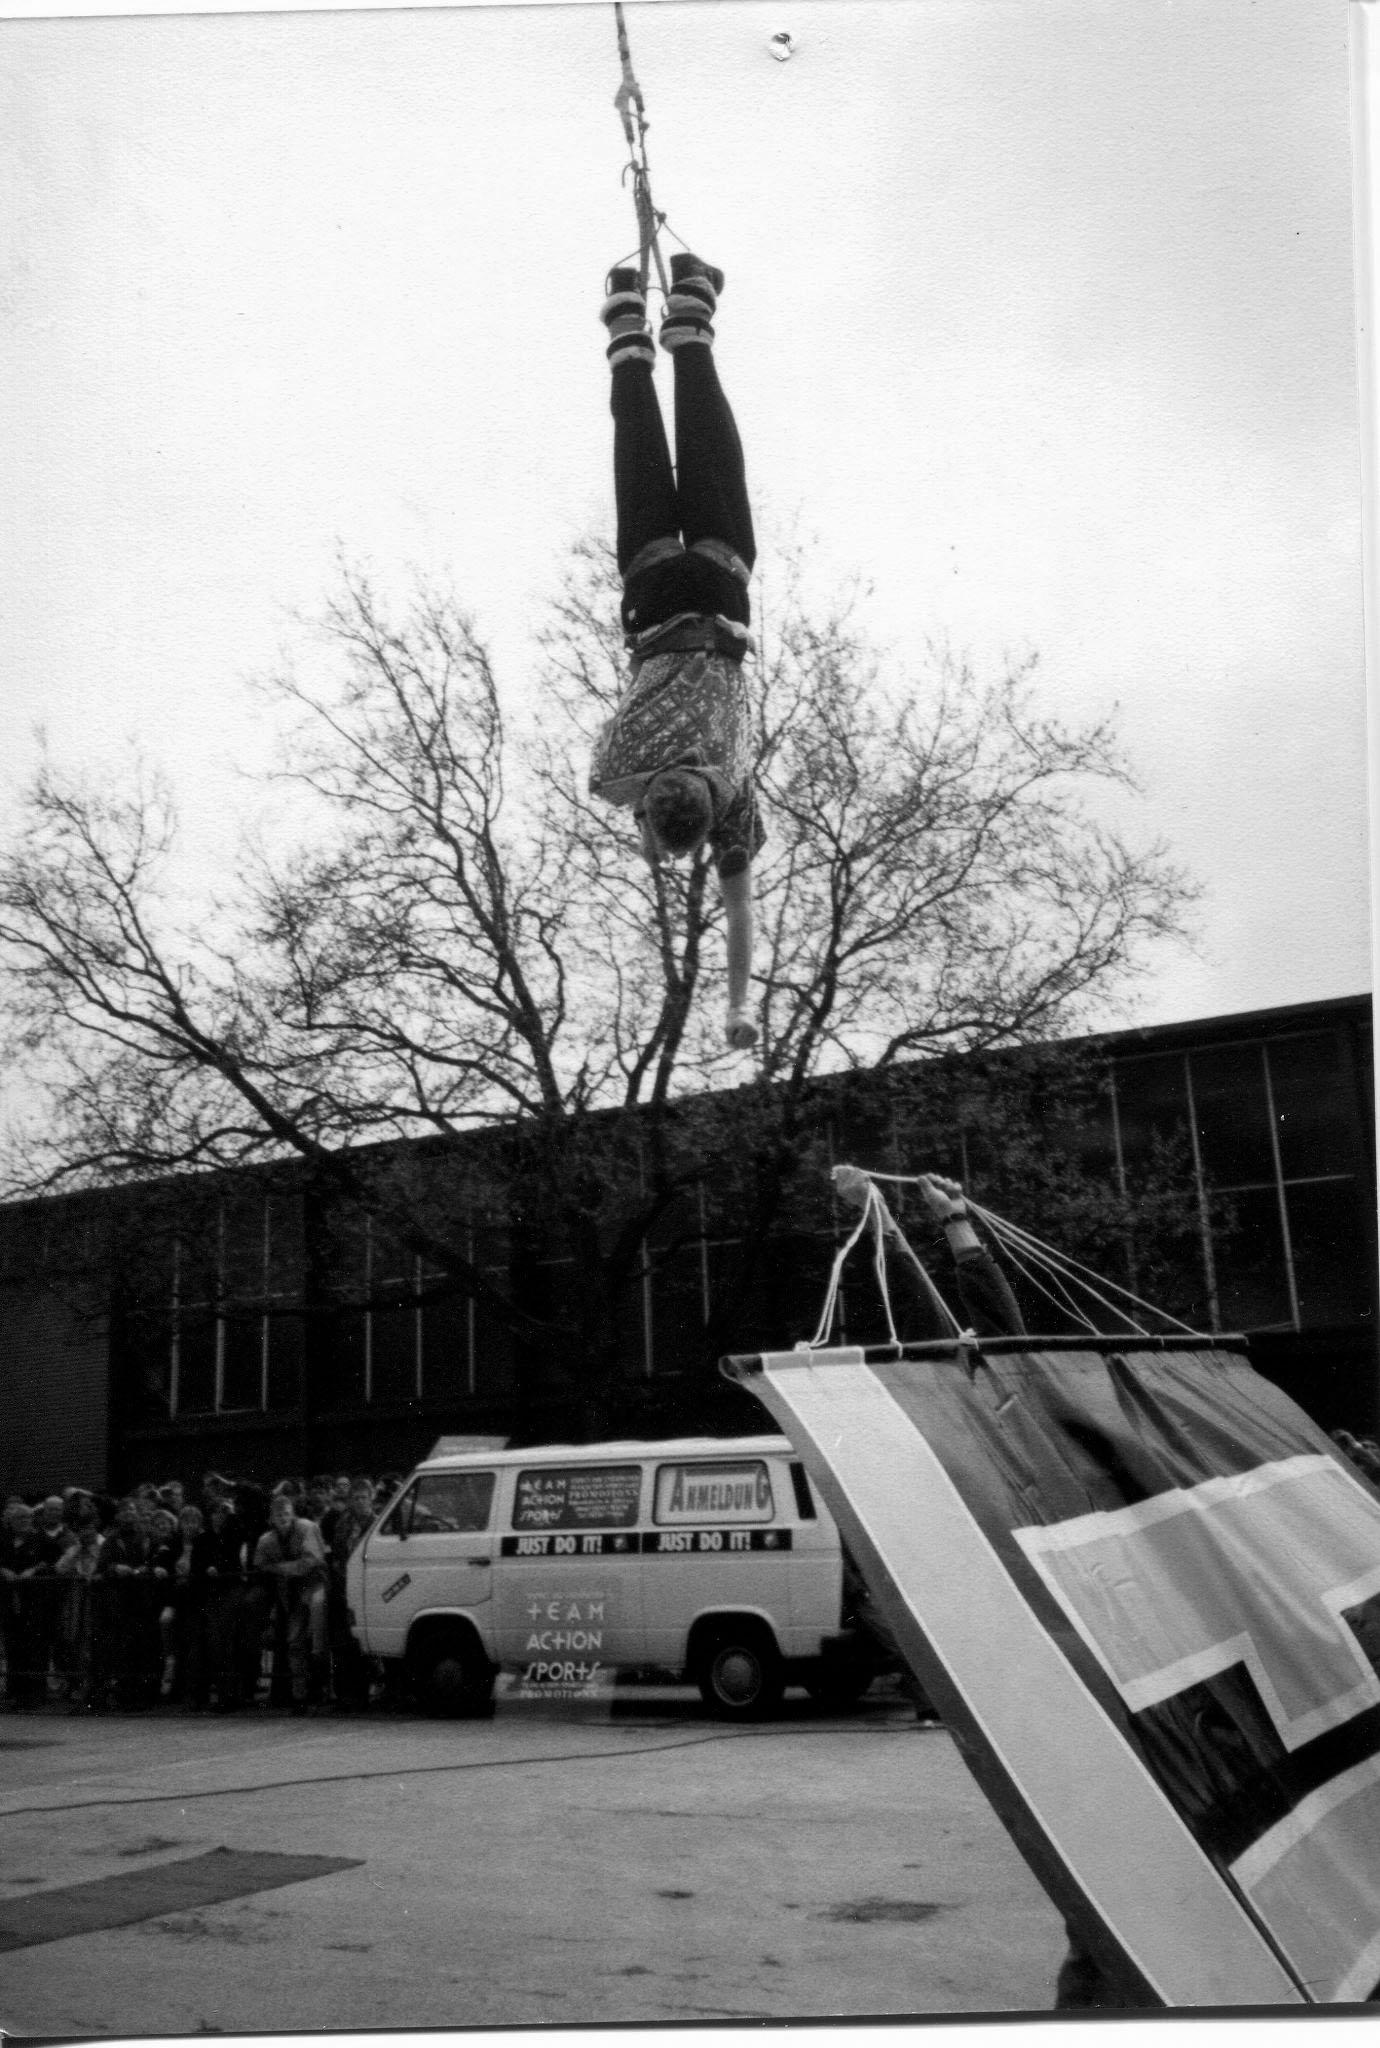 Me @ Bungee Stunt Show, Essen, 1992